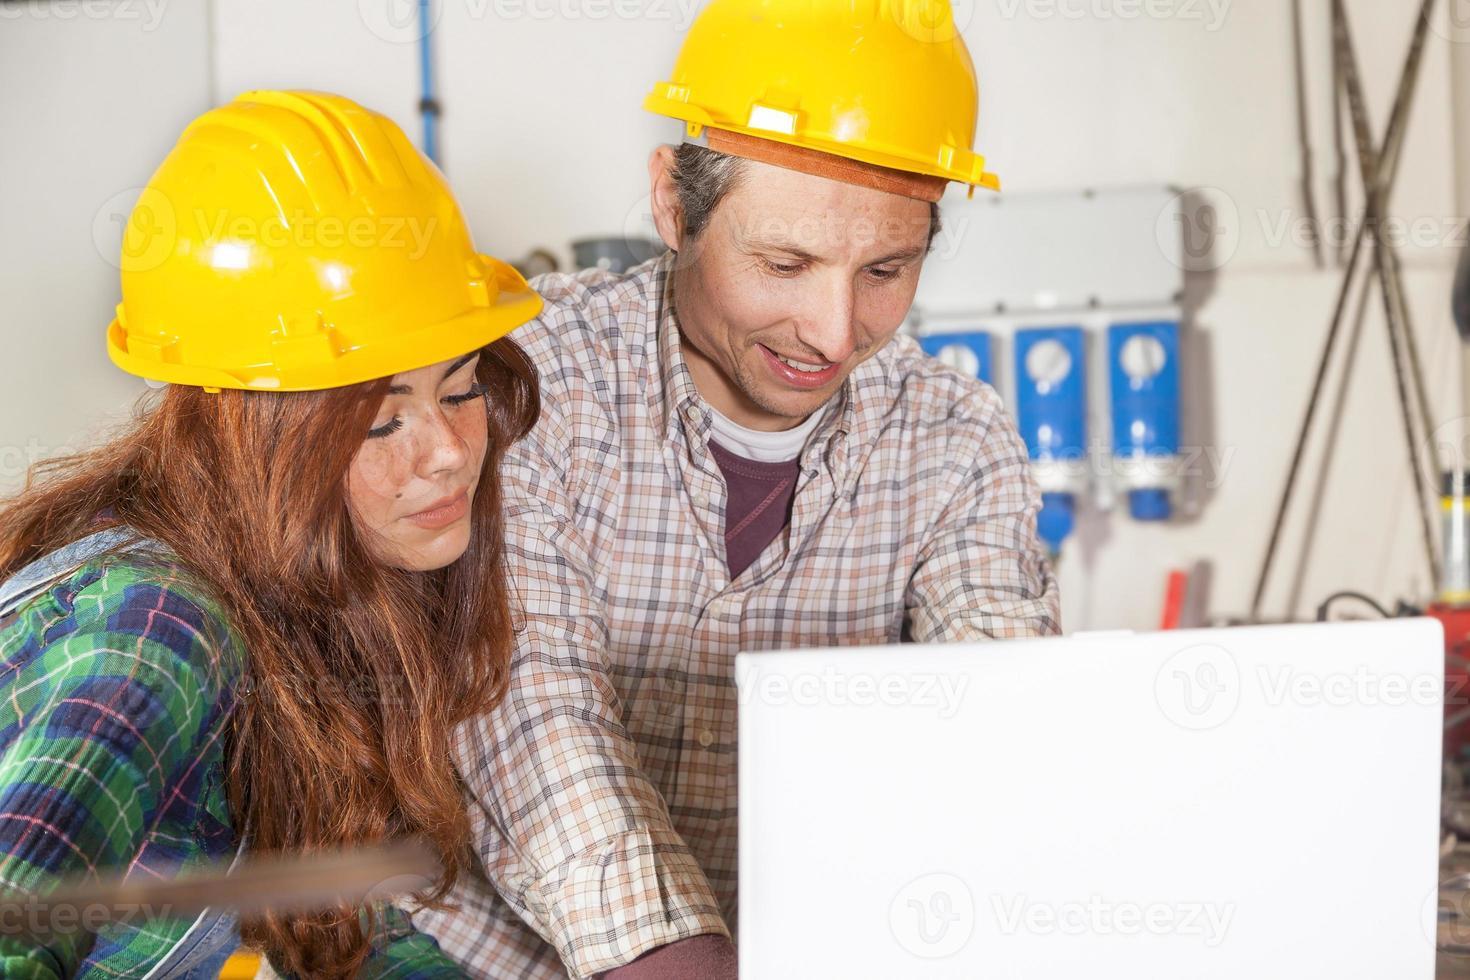 una coppia di ingegneri consulta il computer in un'acciaieria foto